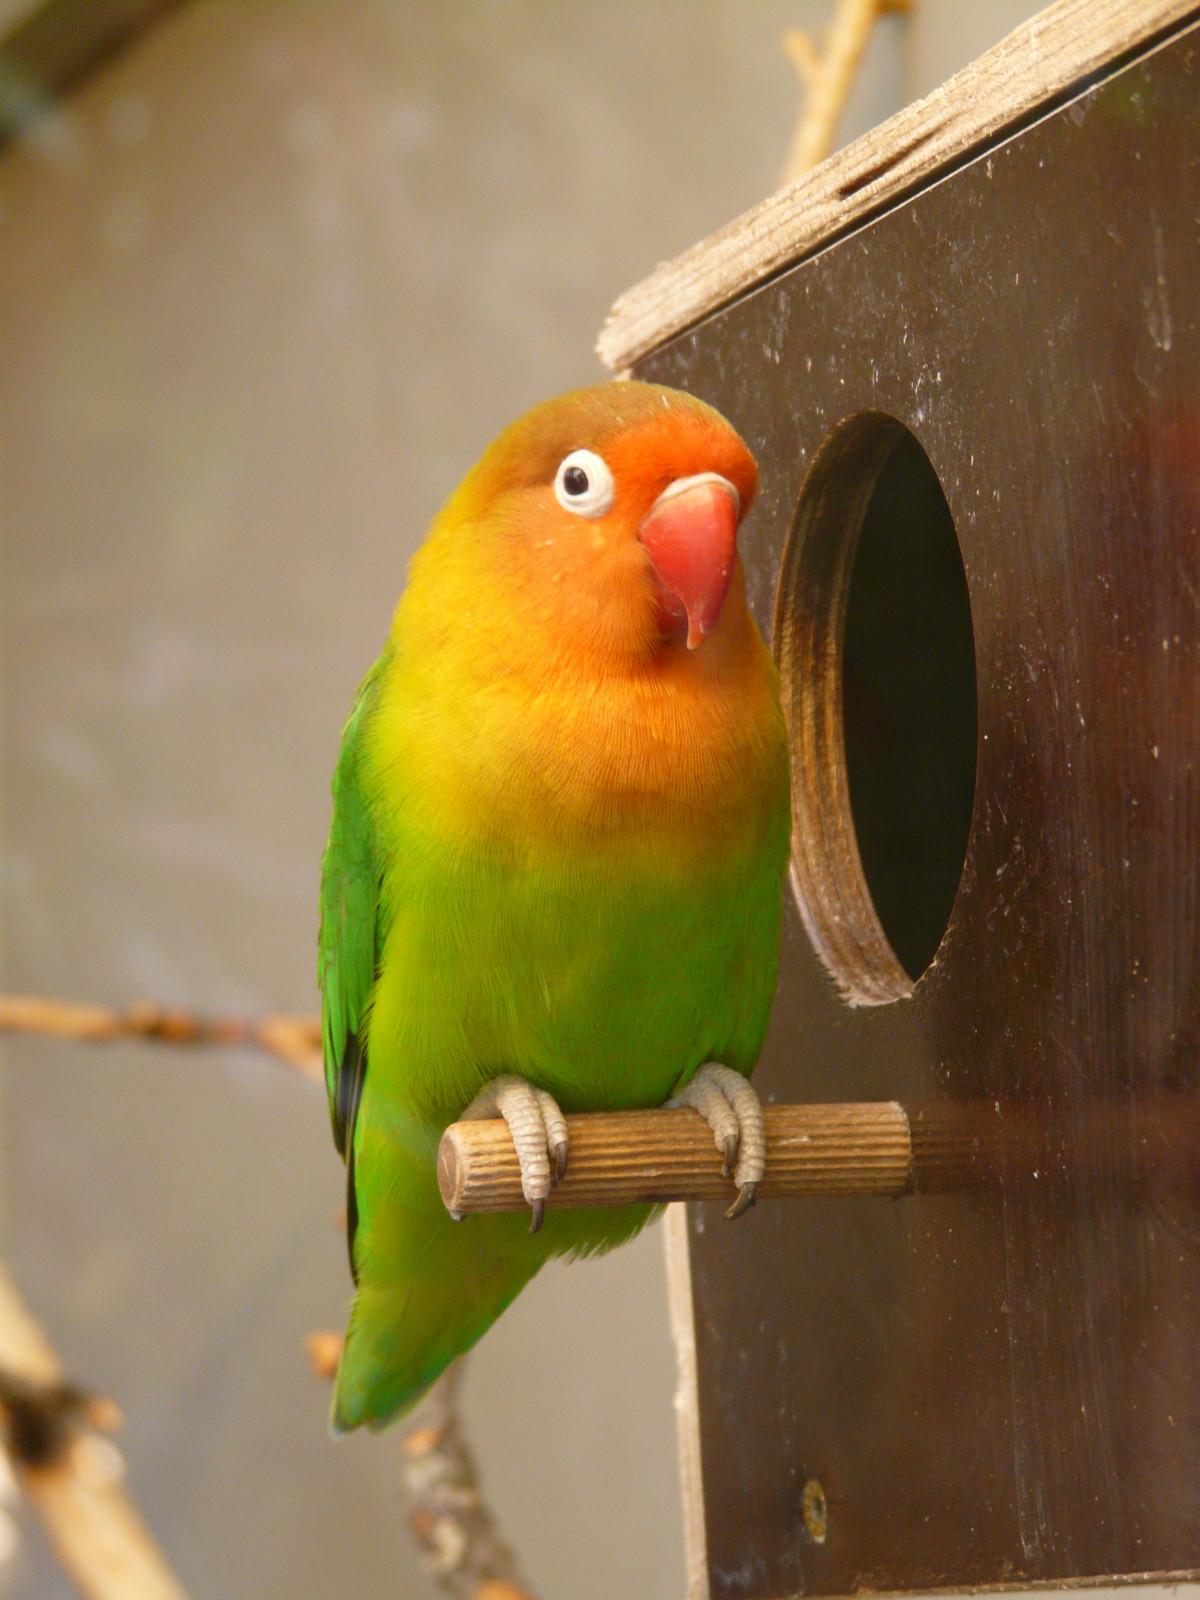 images gratuites oiseau animal faune vert le bec couleur argent color jaune plumage. Black Bedroom Furniture Sets. Home Design Ideas